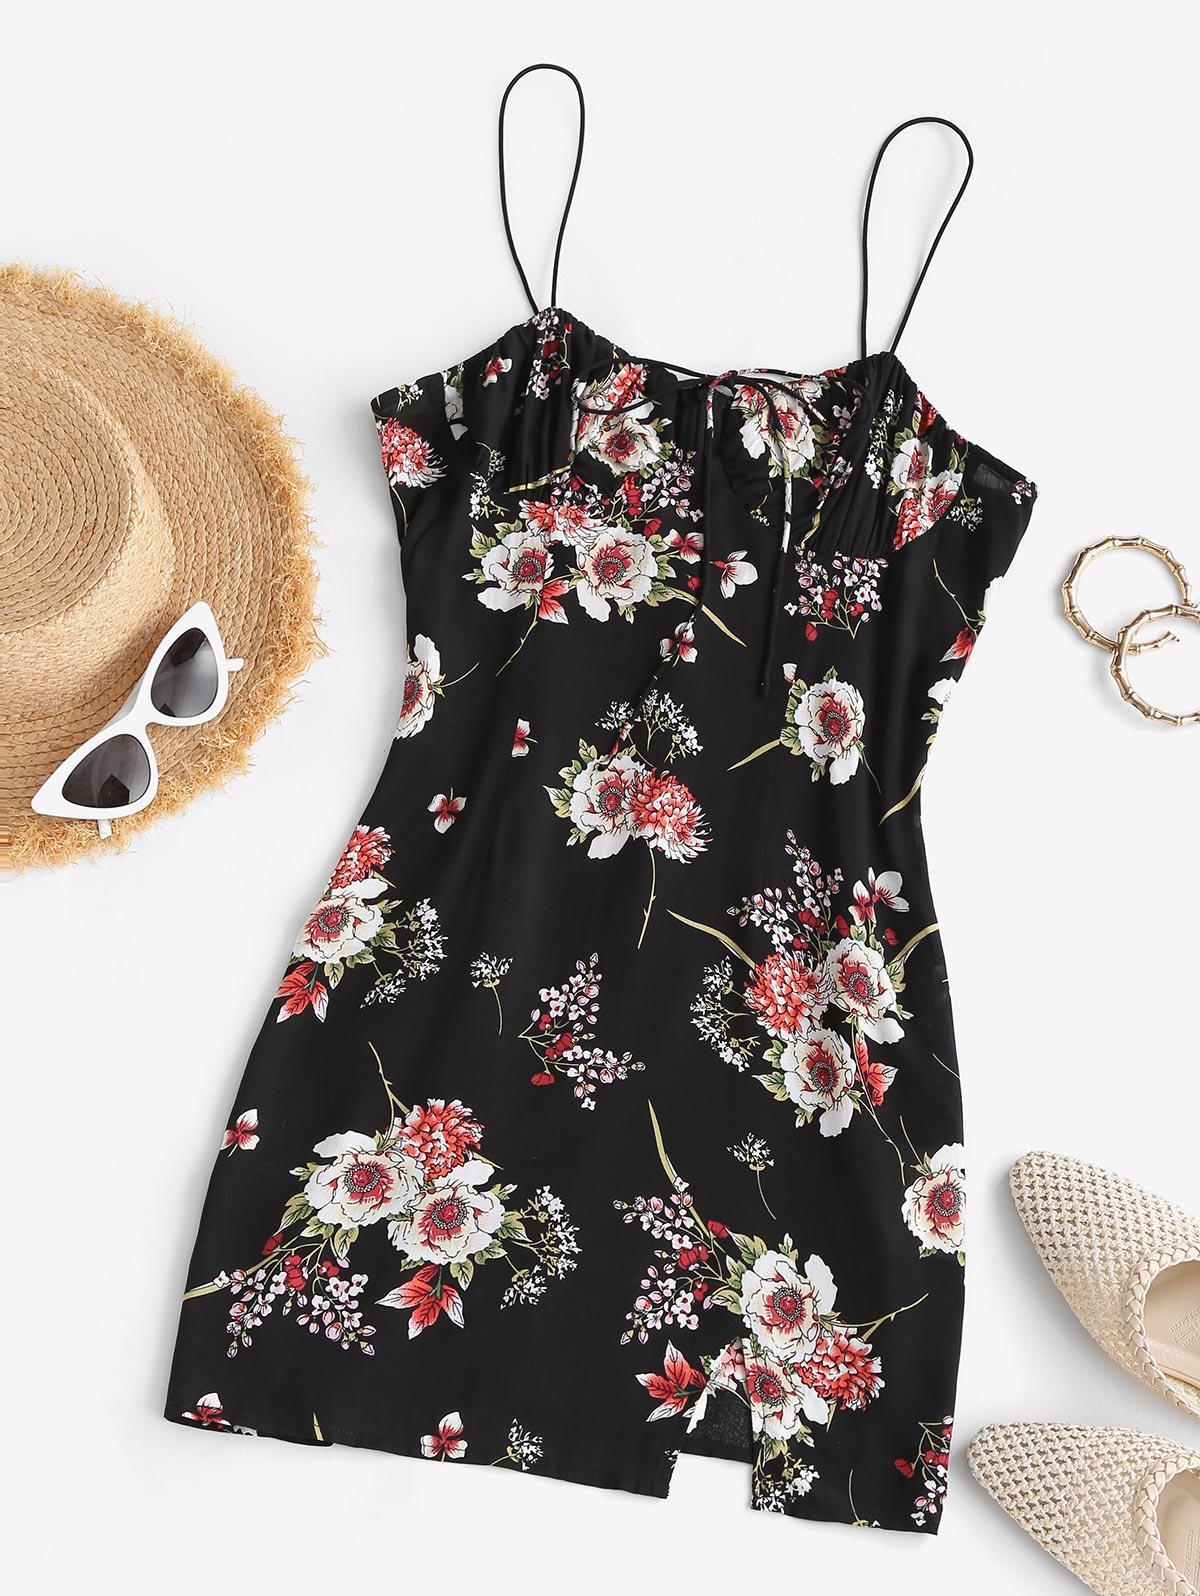 ZAFUL Floral Print Tie Front Spaghetti Strap Bodycon Mini Dress